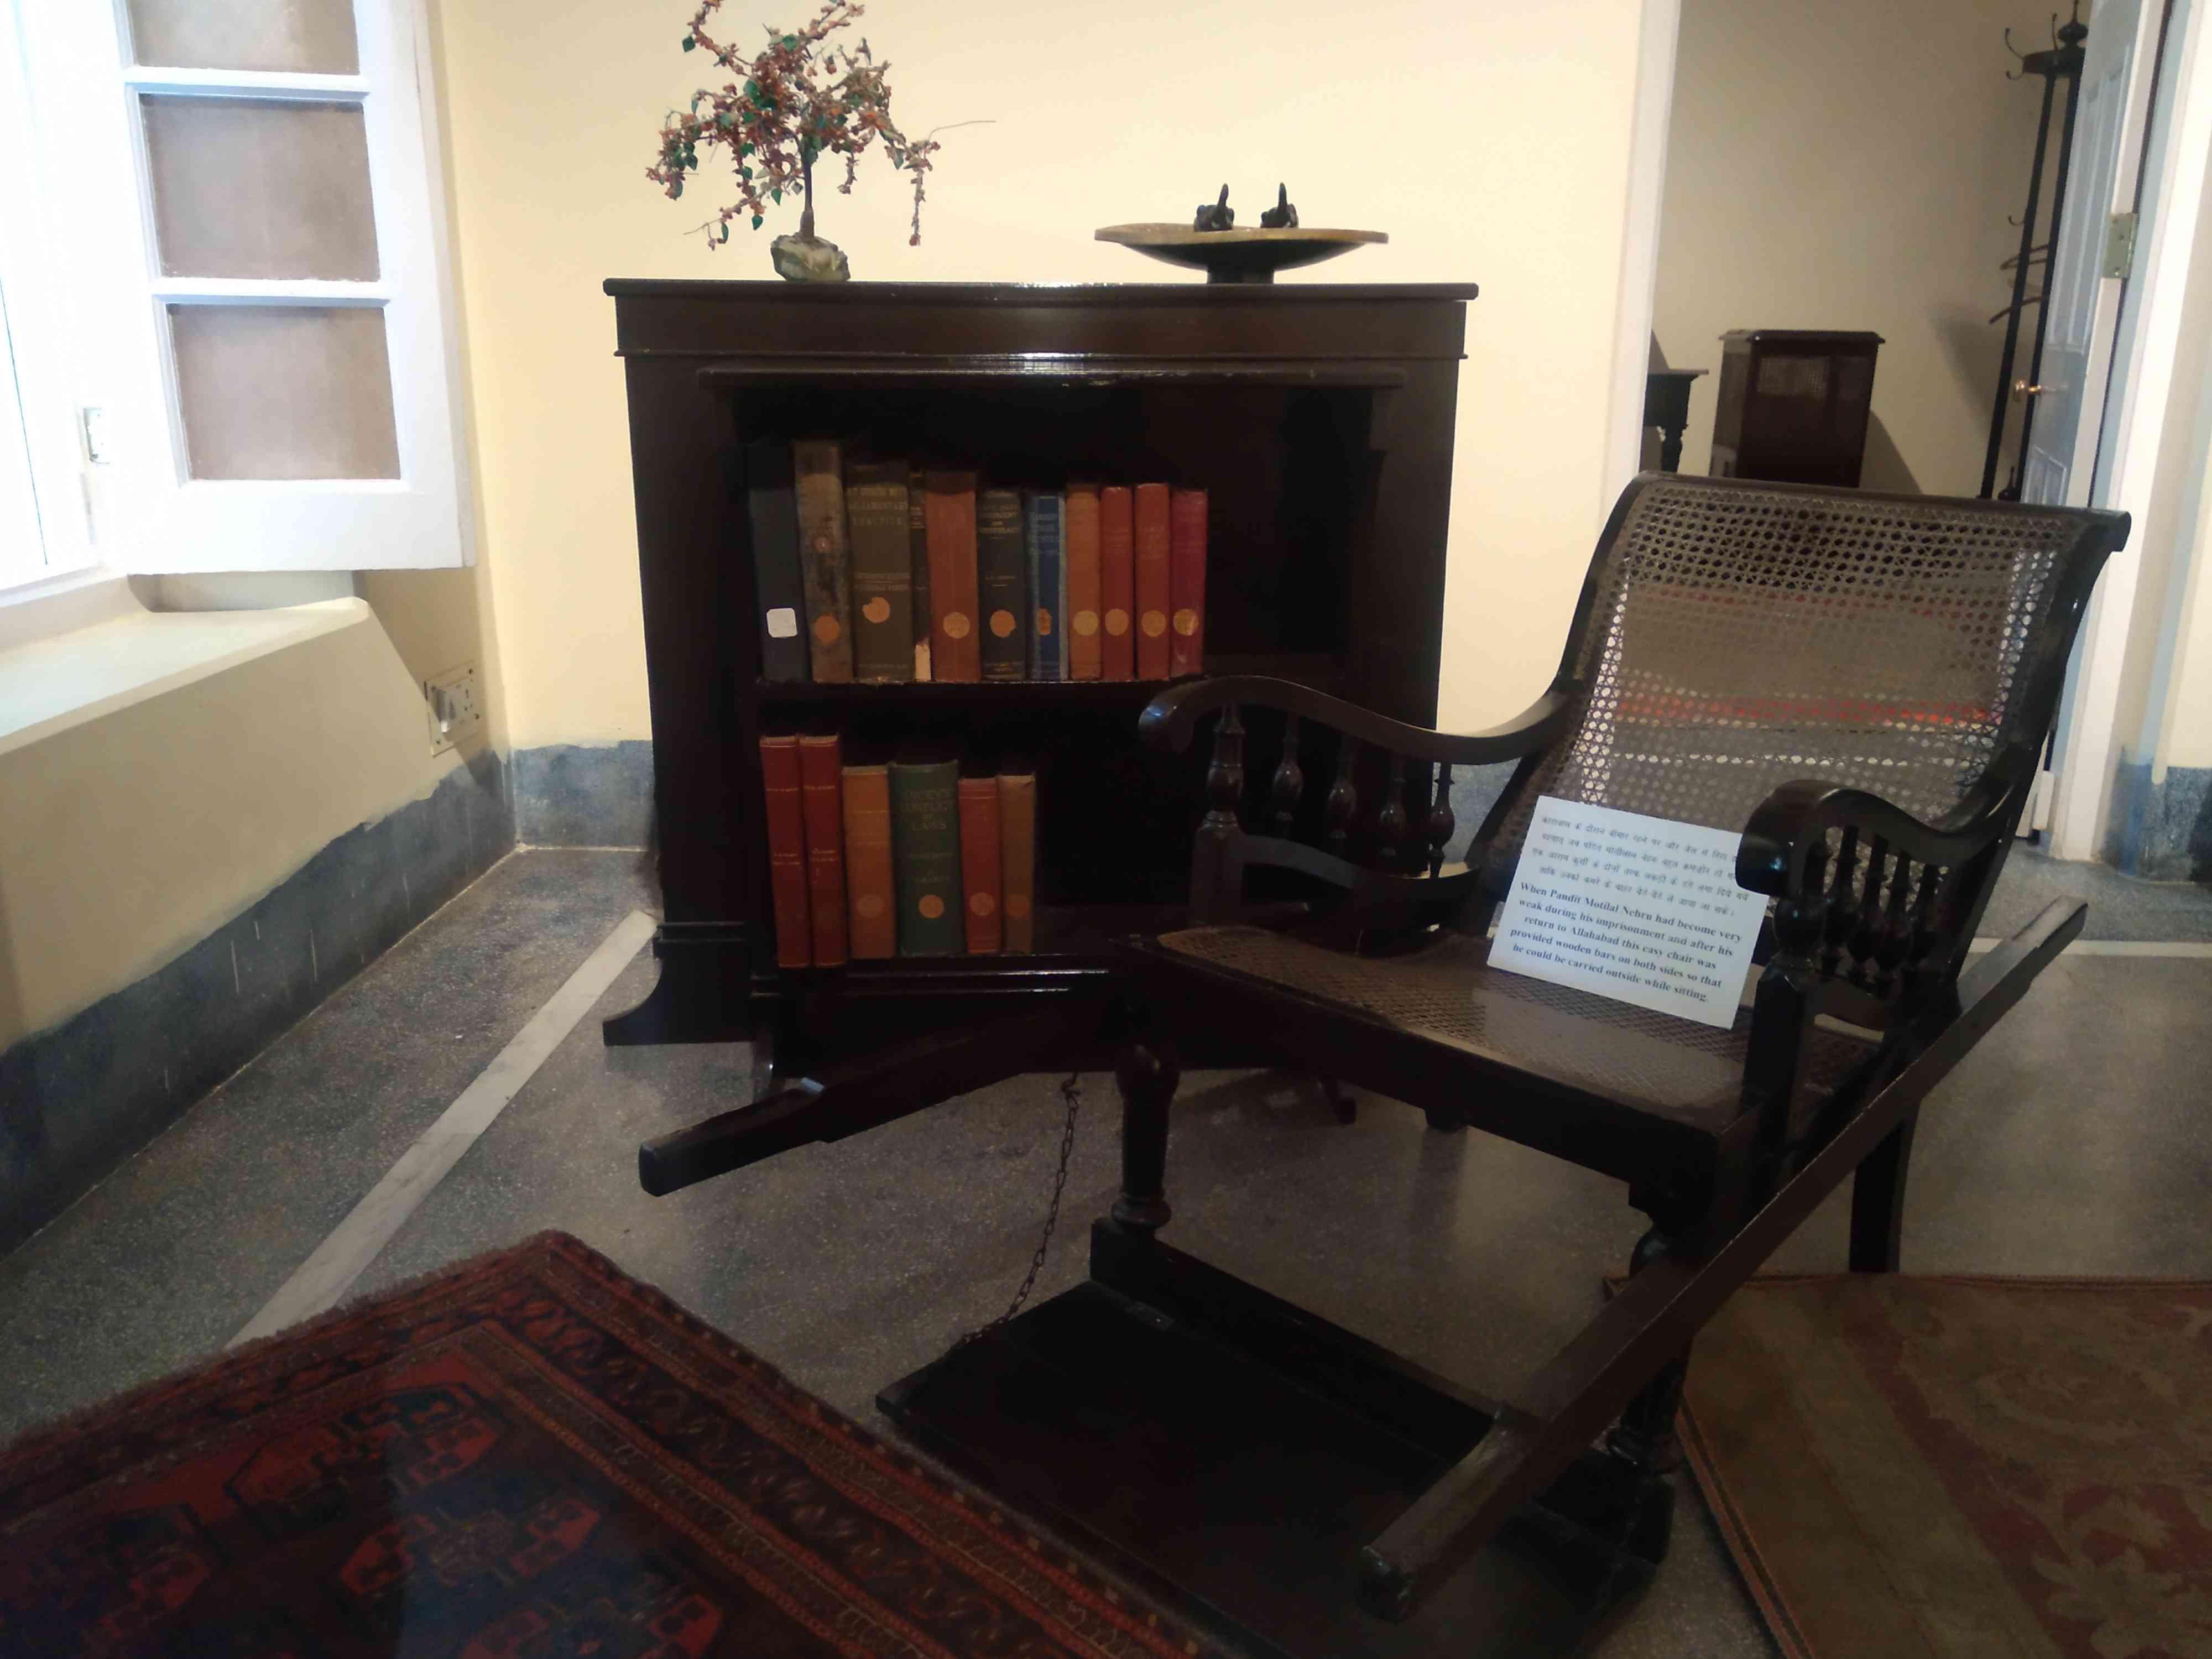 मोतीलाल नेहरू के कमरे में रखी पालकीनुमा कुर्सी